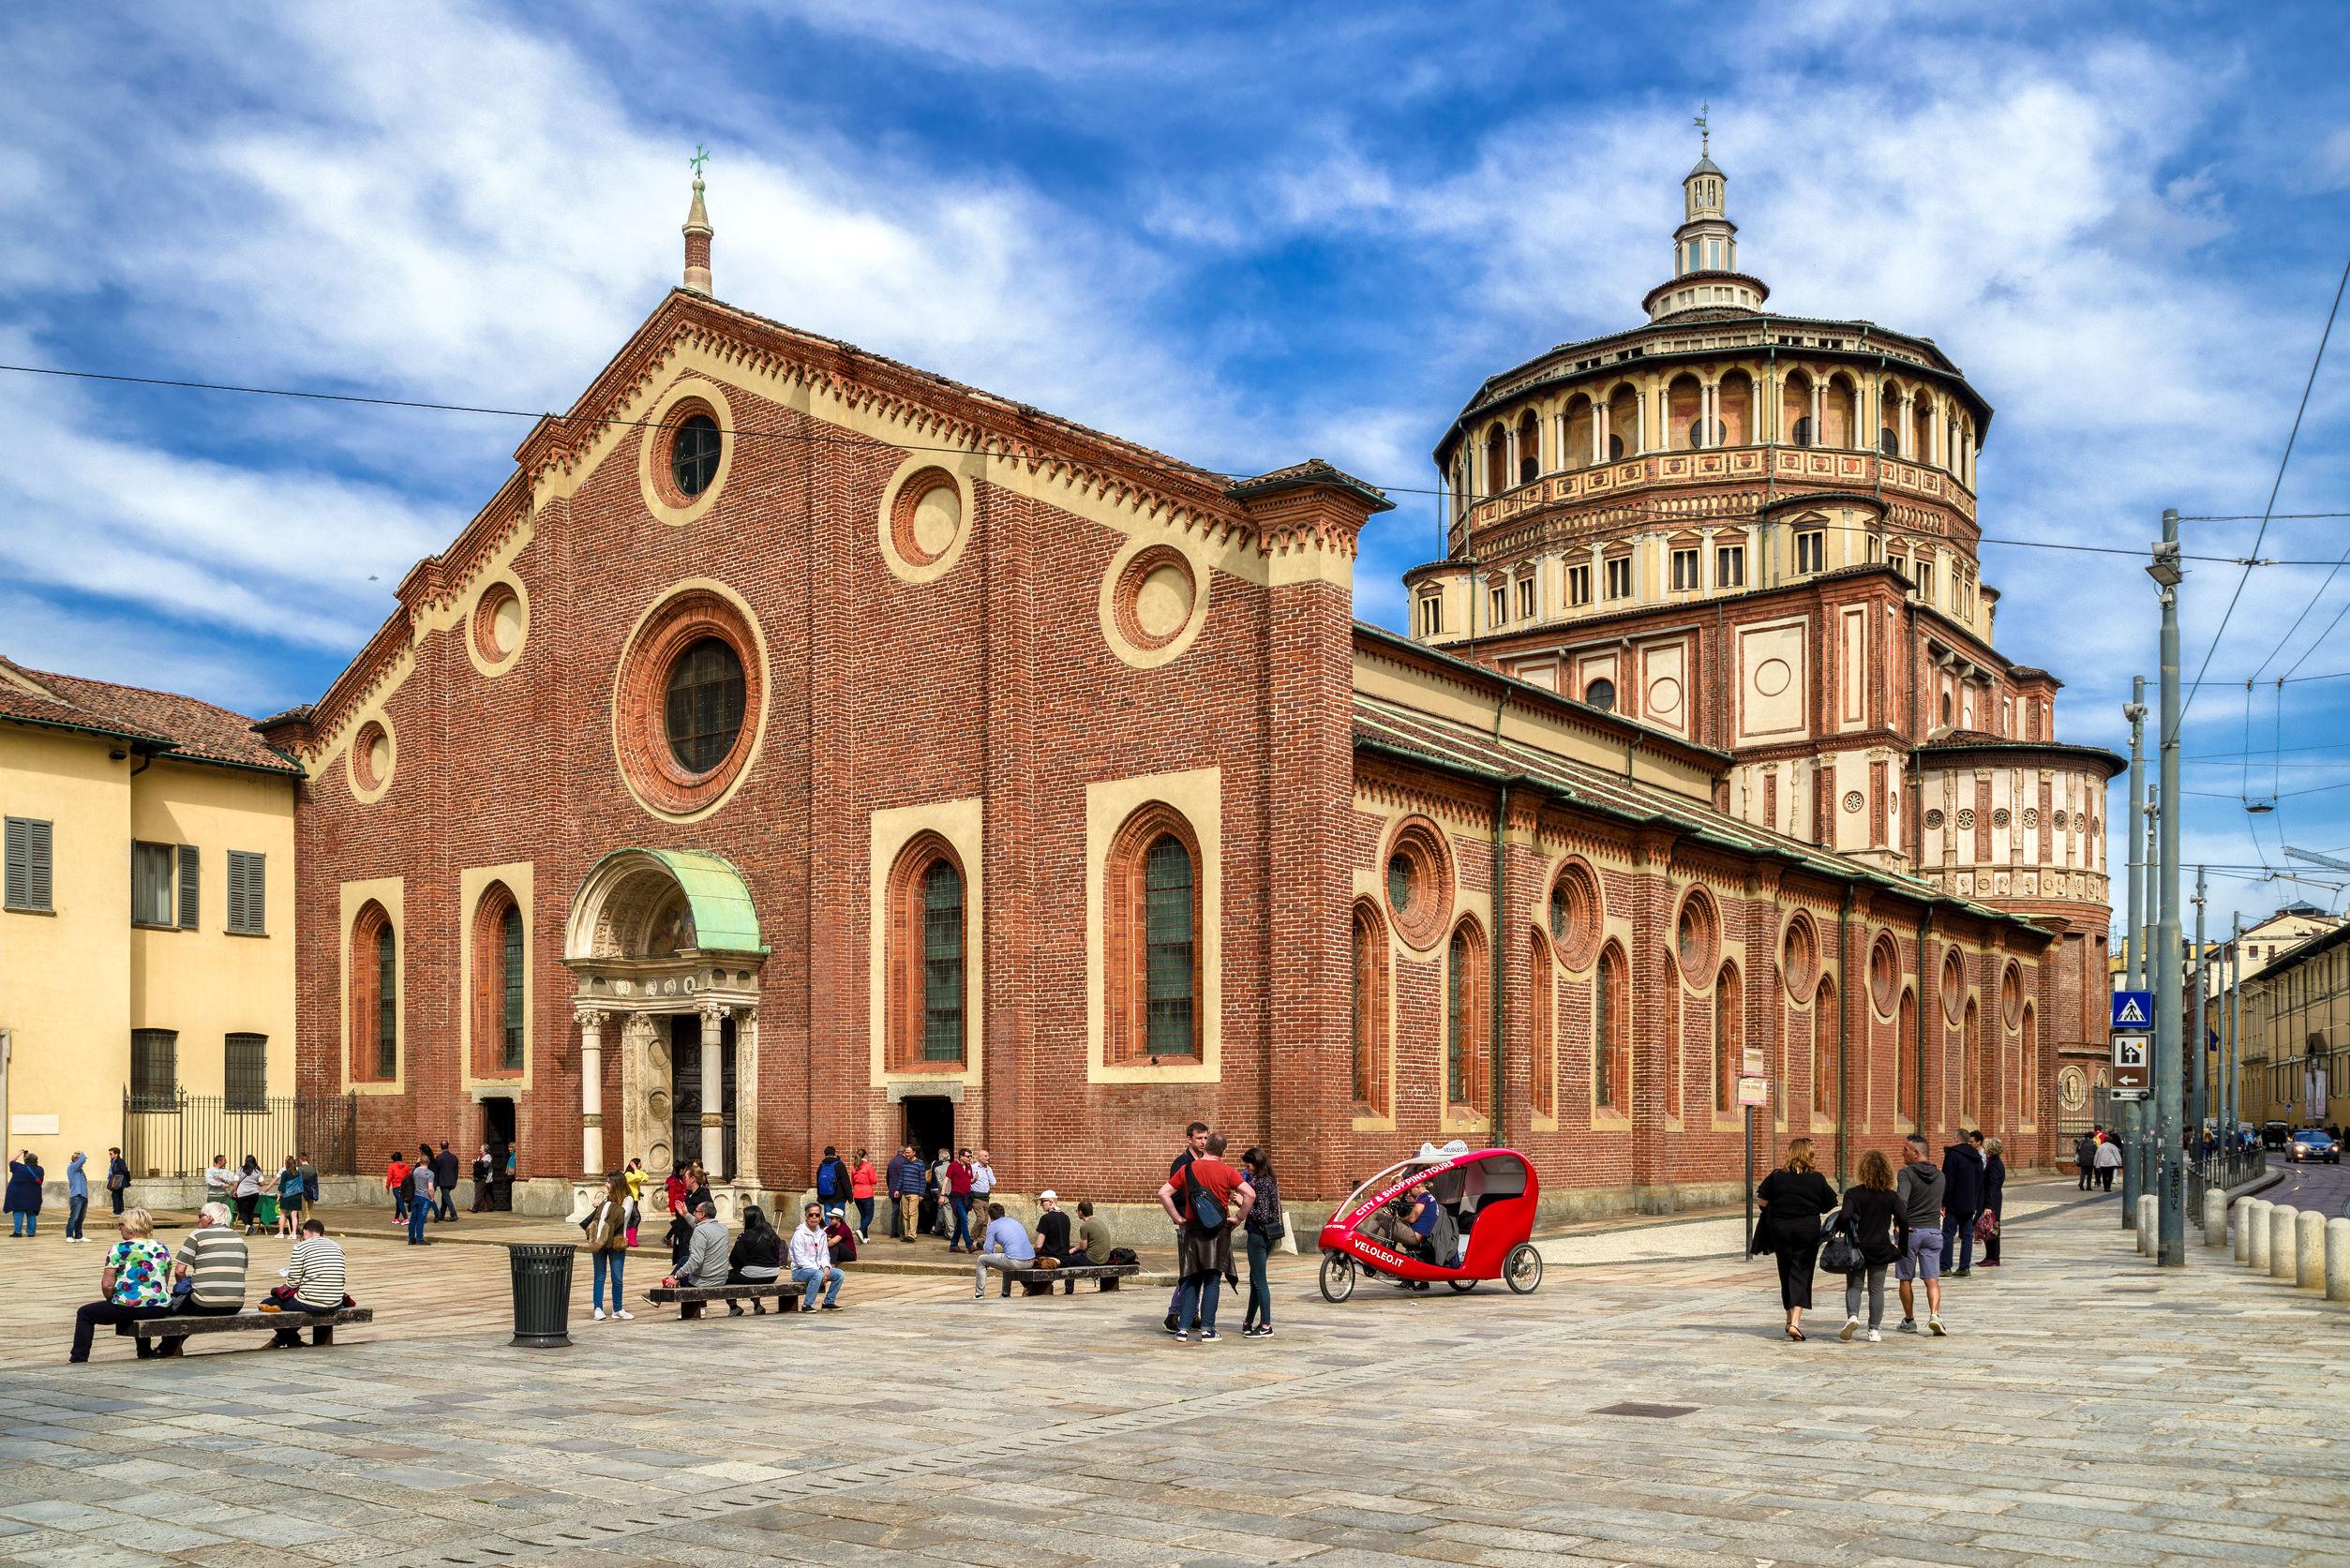 Santa Maria Delle Grazie in Italy